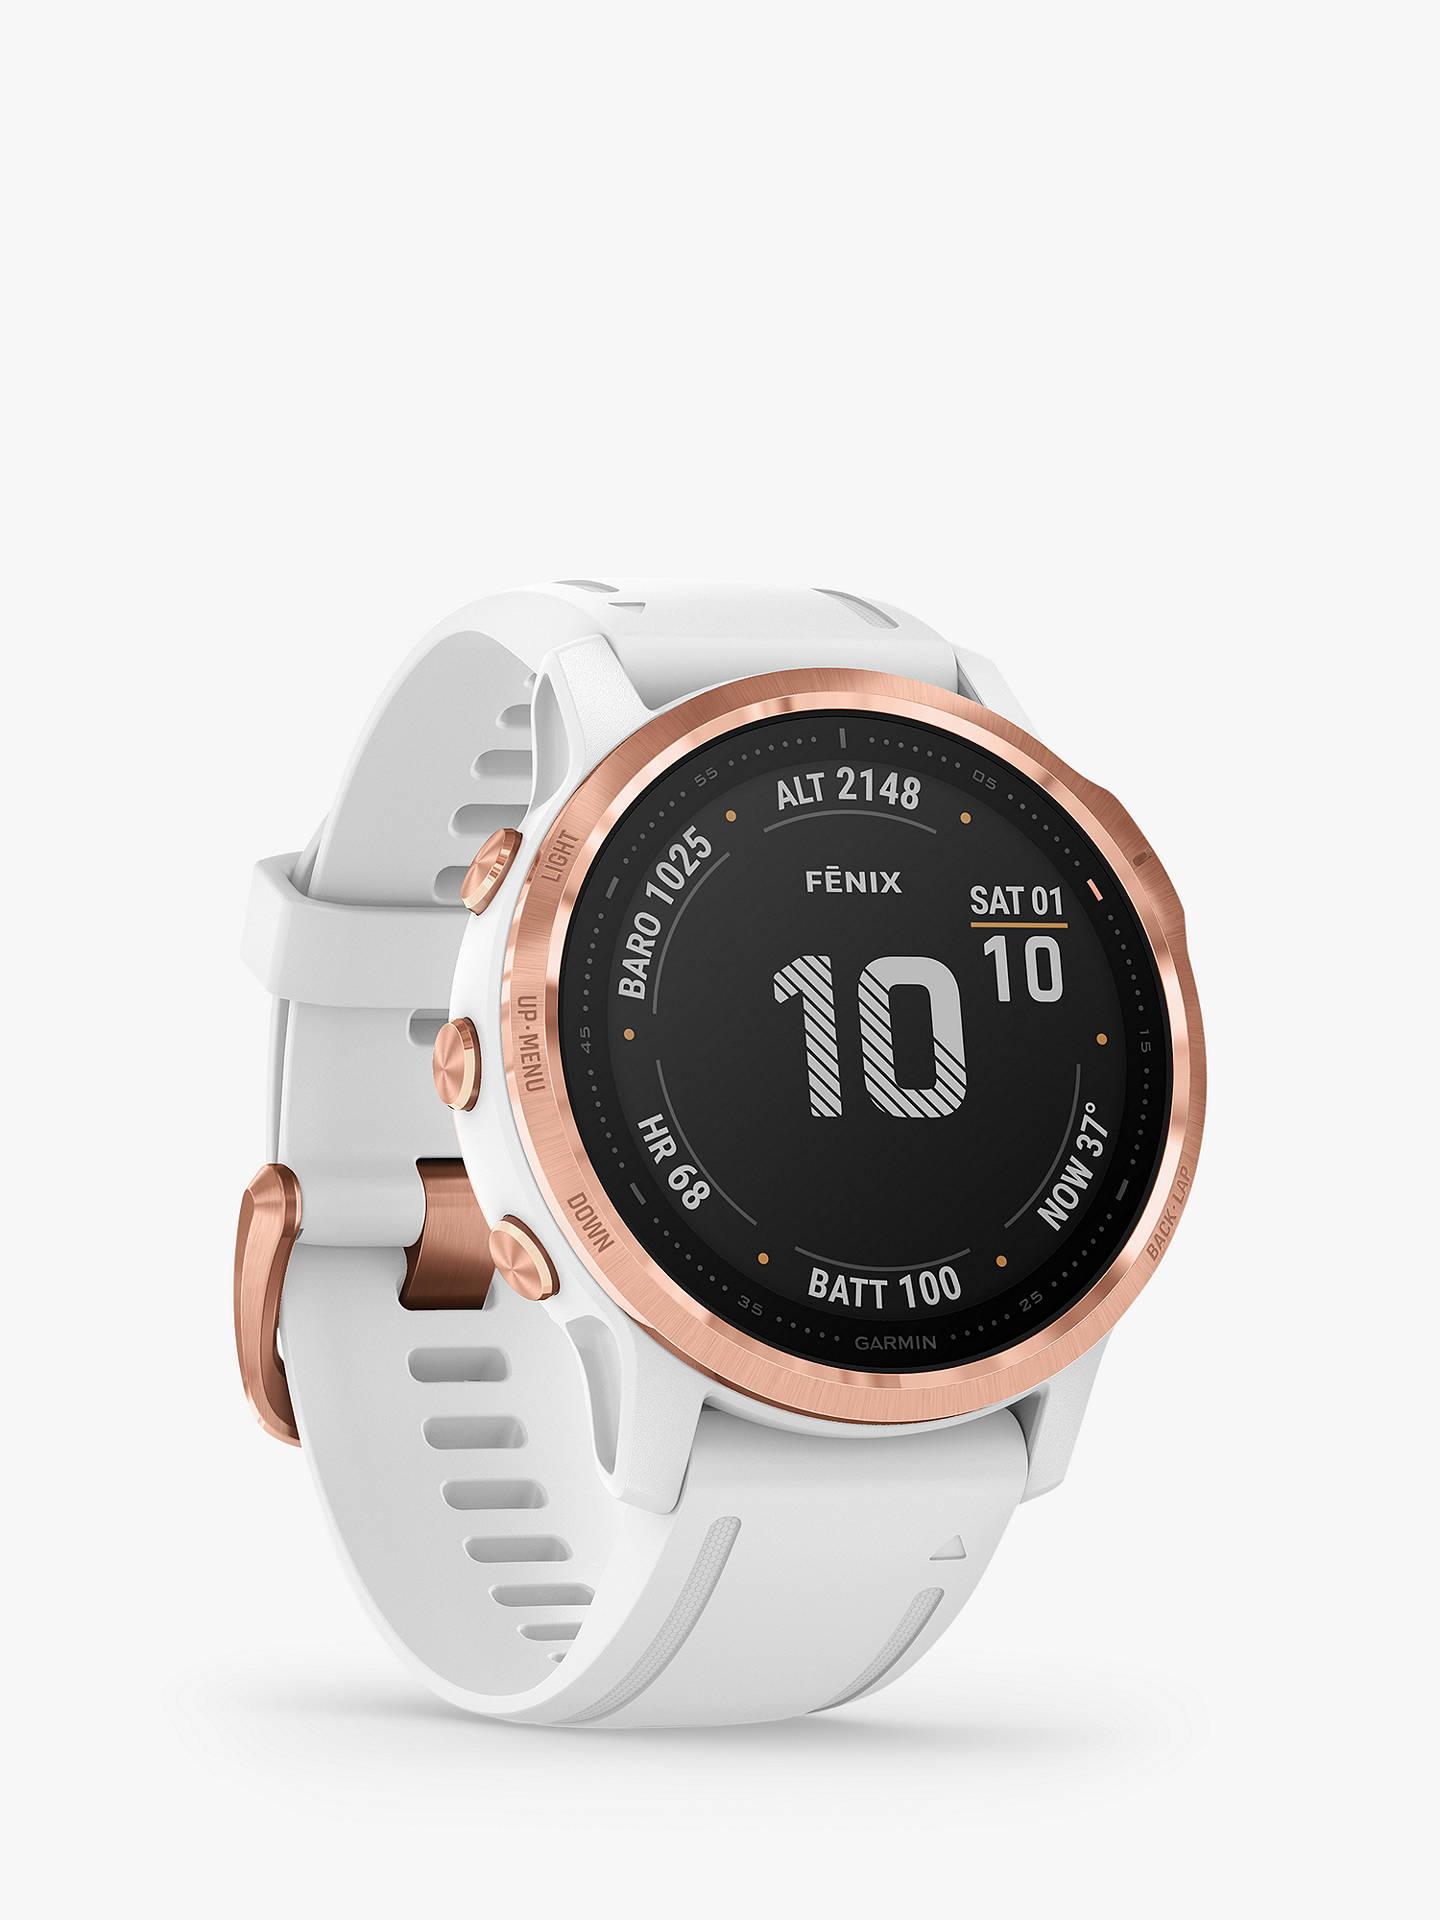 Garmin fenix 6S PRO. Smart Watch Rose Gold £439 @ John Lewis